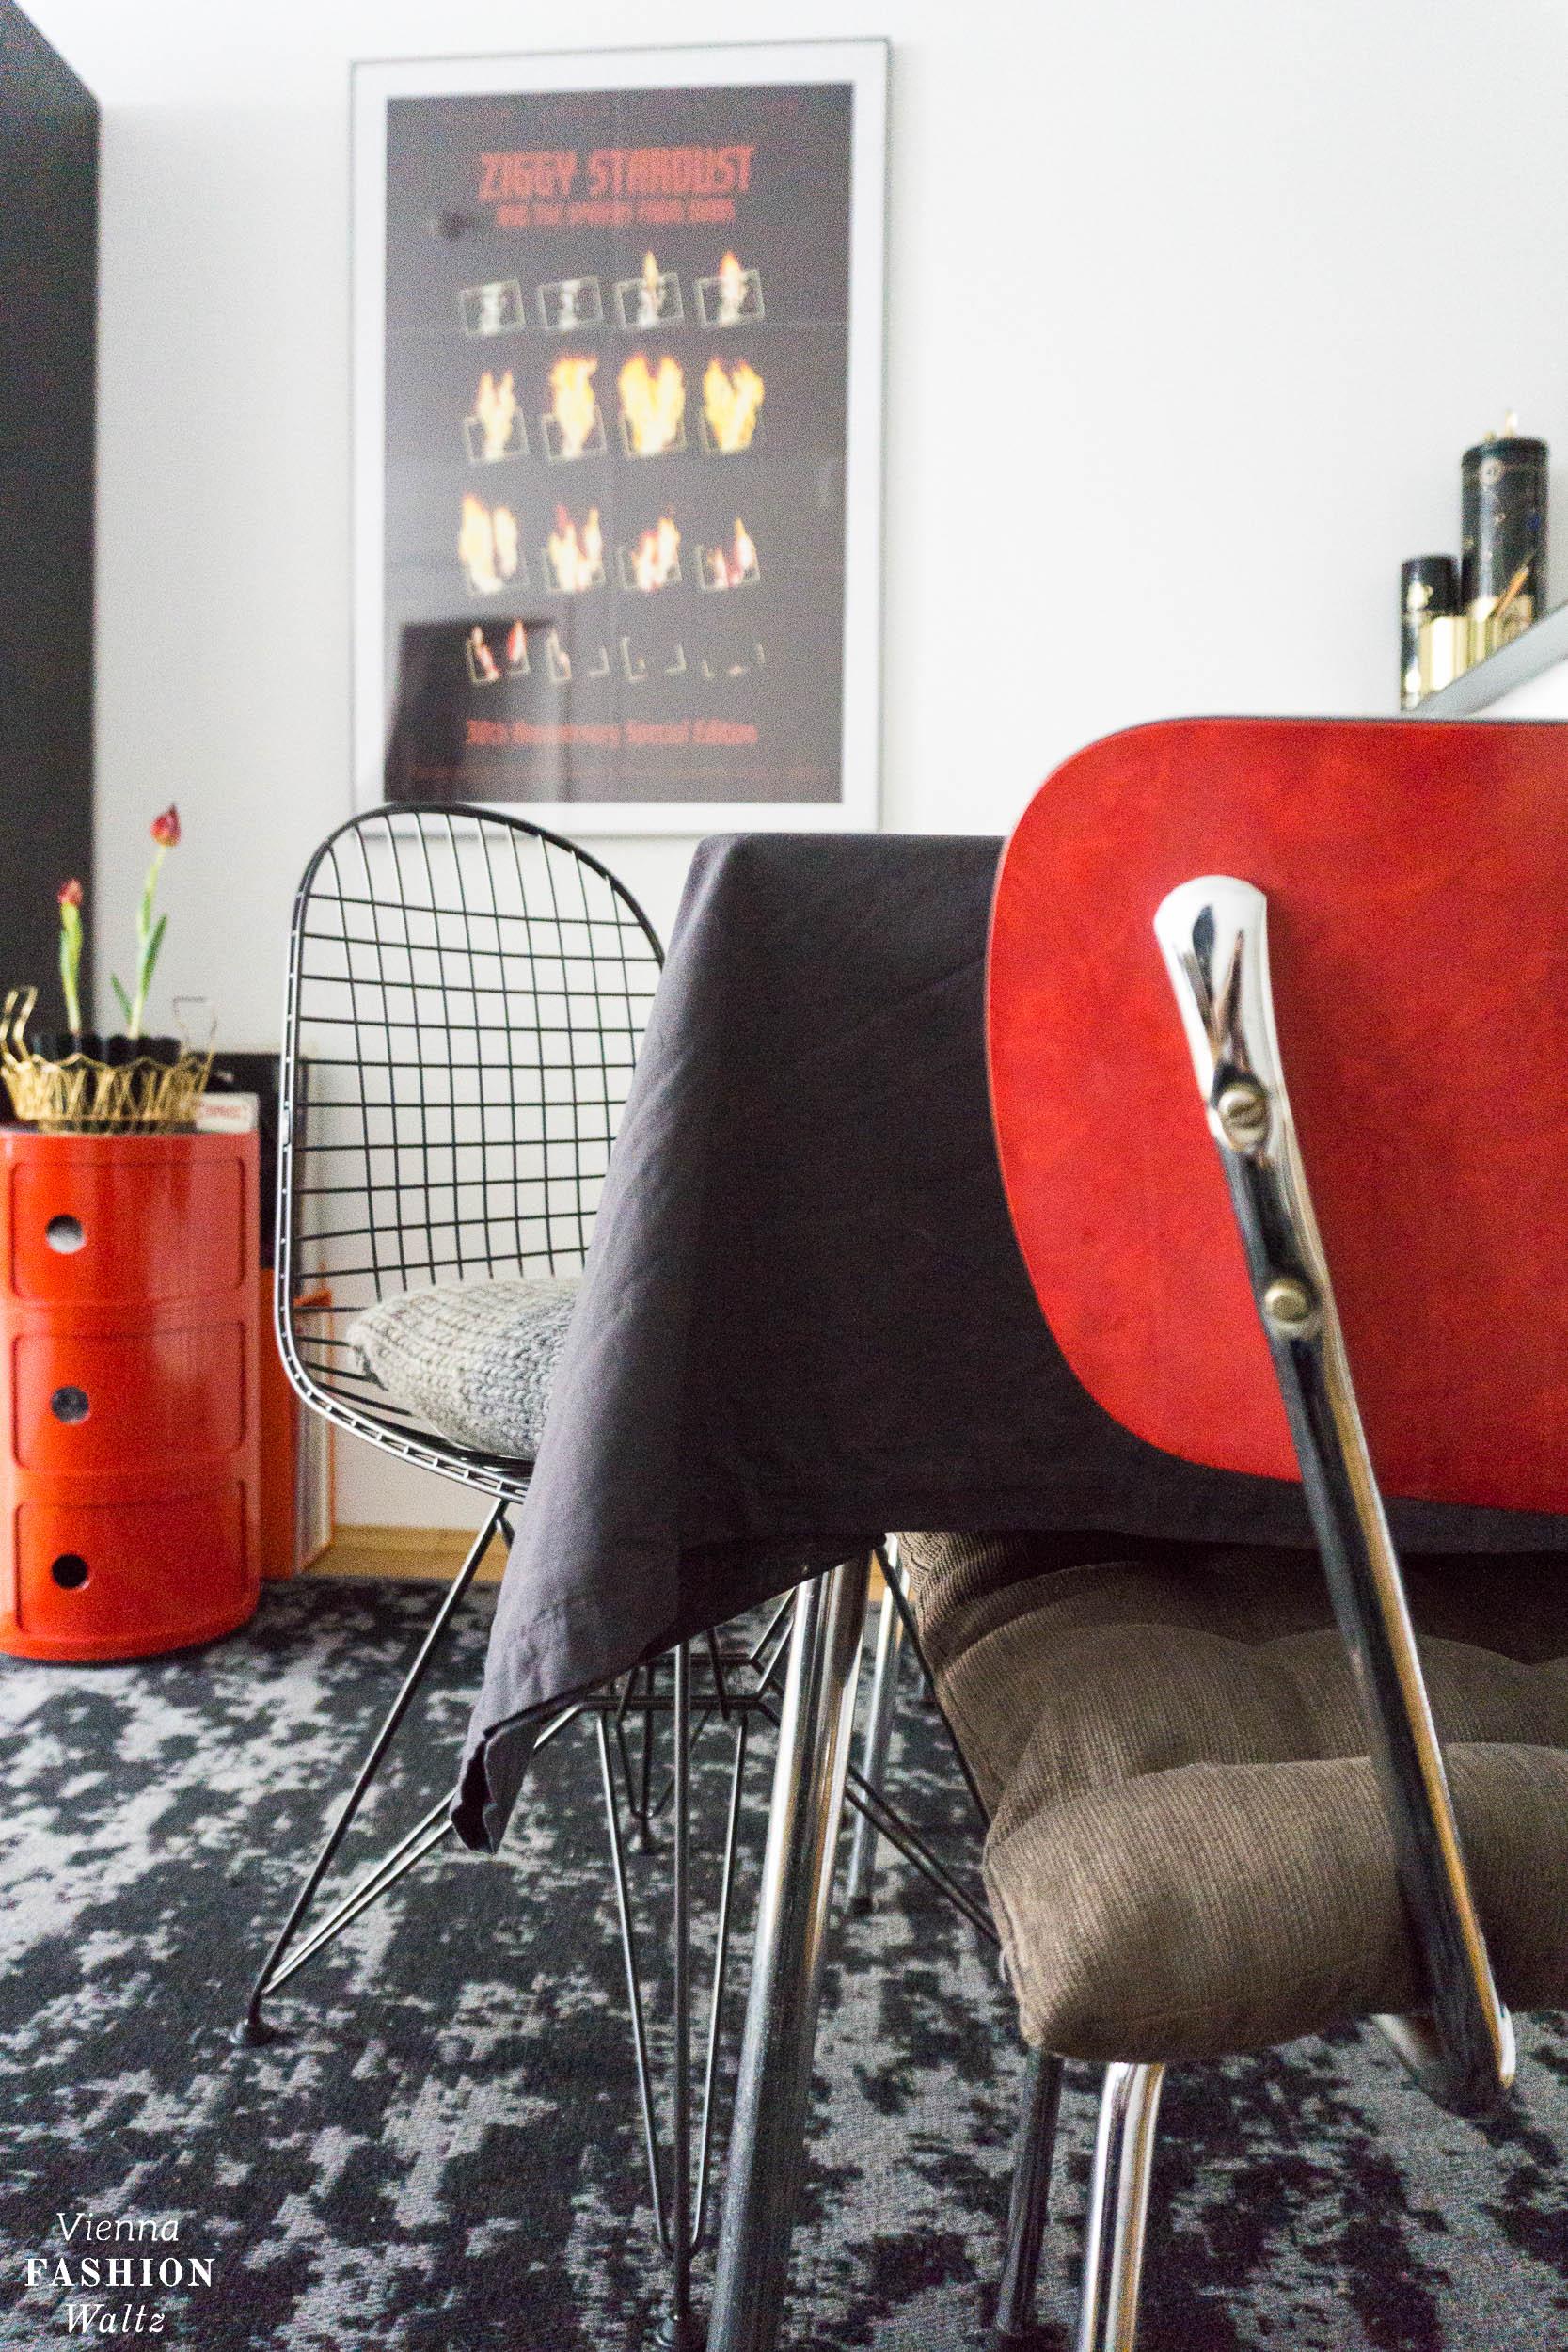 Eames Designklassiker fürs rote Vintage Esszimmer, Vitra Wire Chair, rot, Wohnideen,